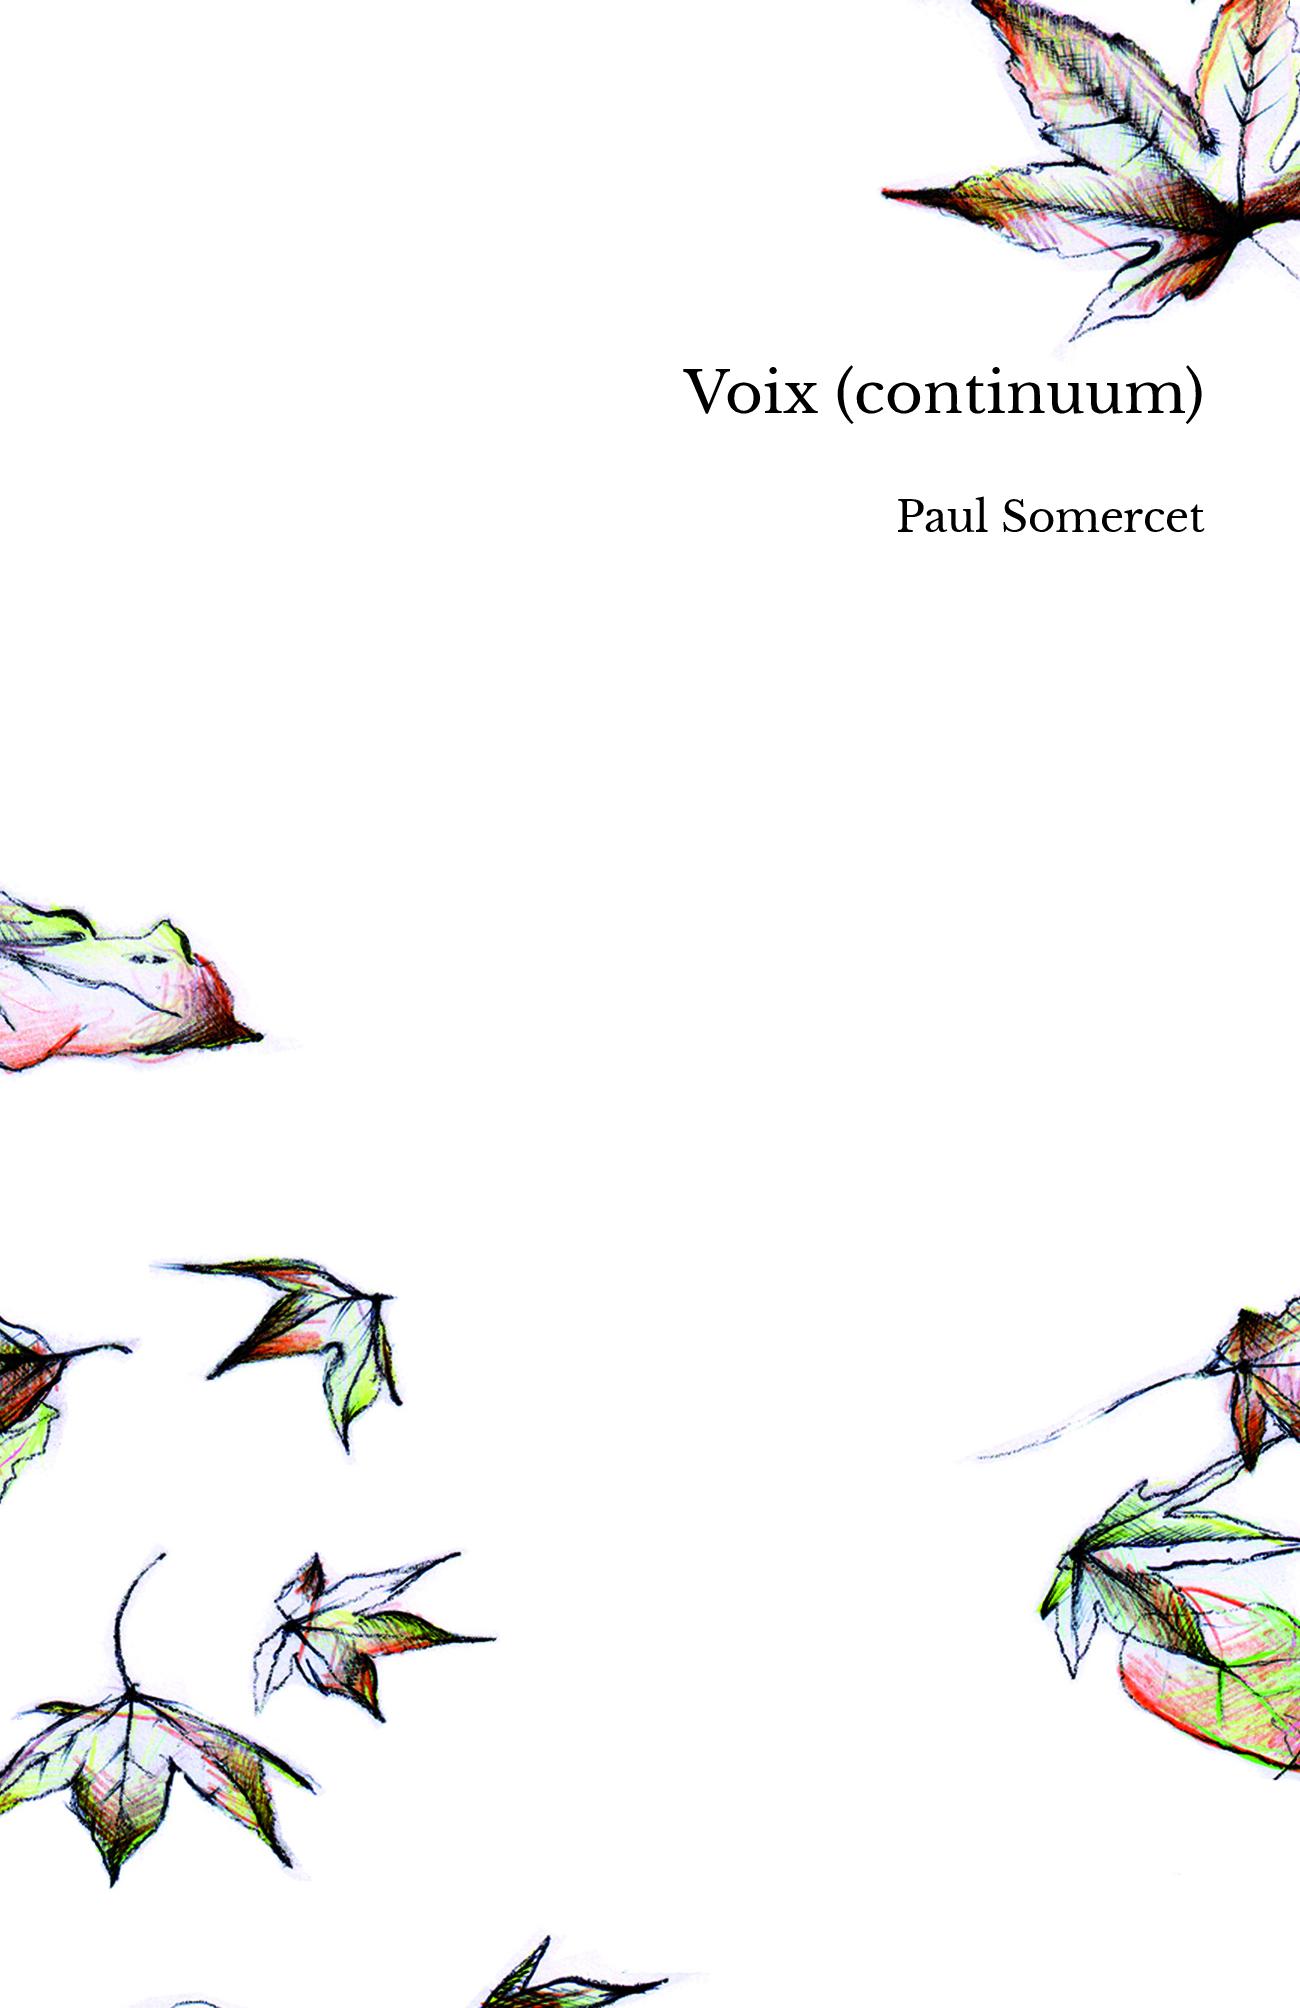 Voix (continuum)